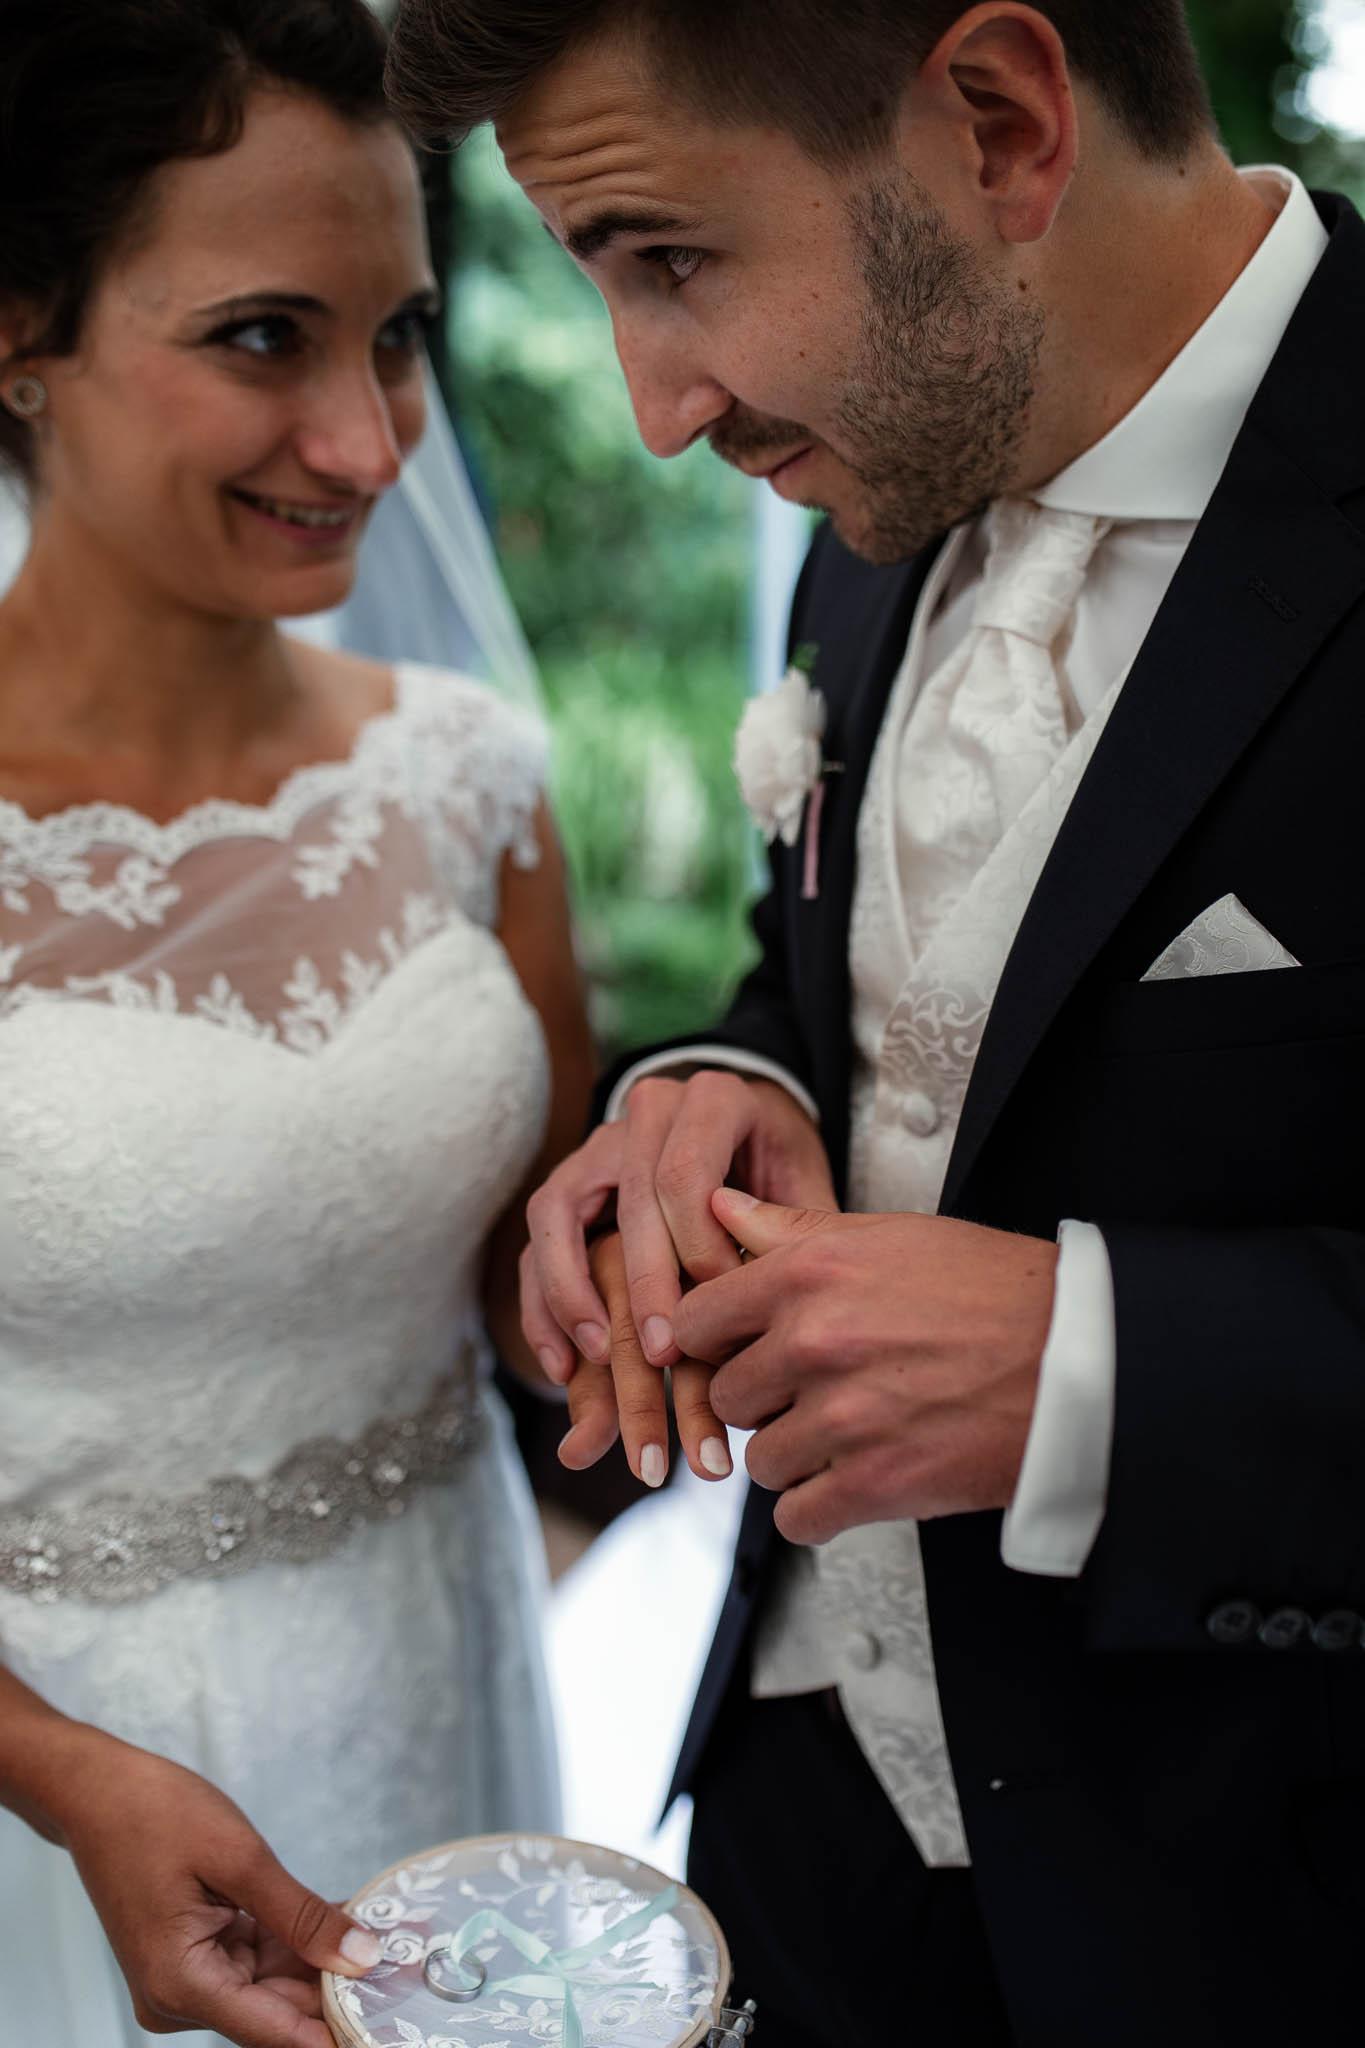 Hochzeitsfotograf Monzernheim: freie Trauung von Sarah & Patrick 34